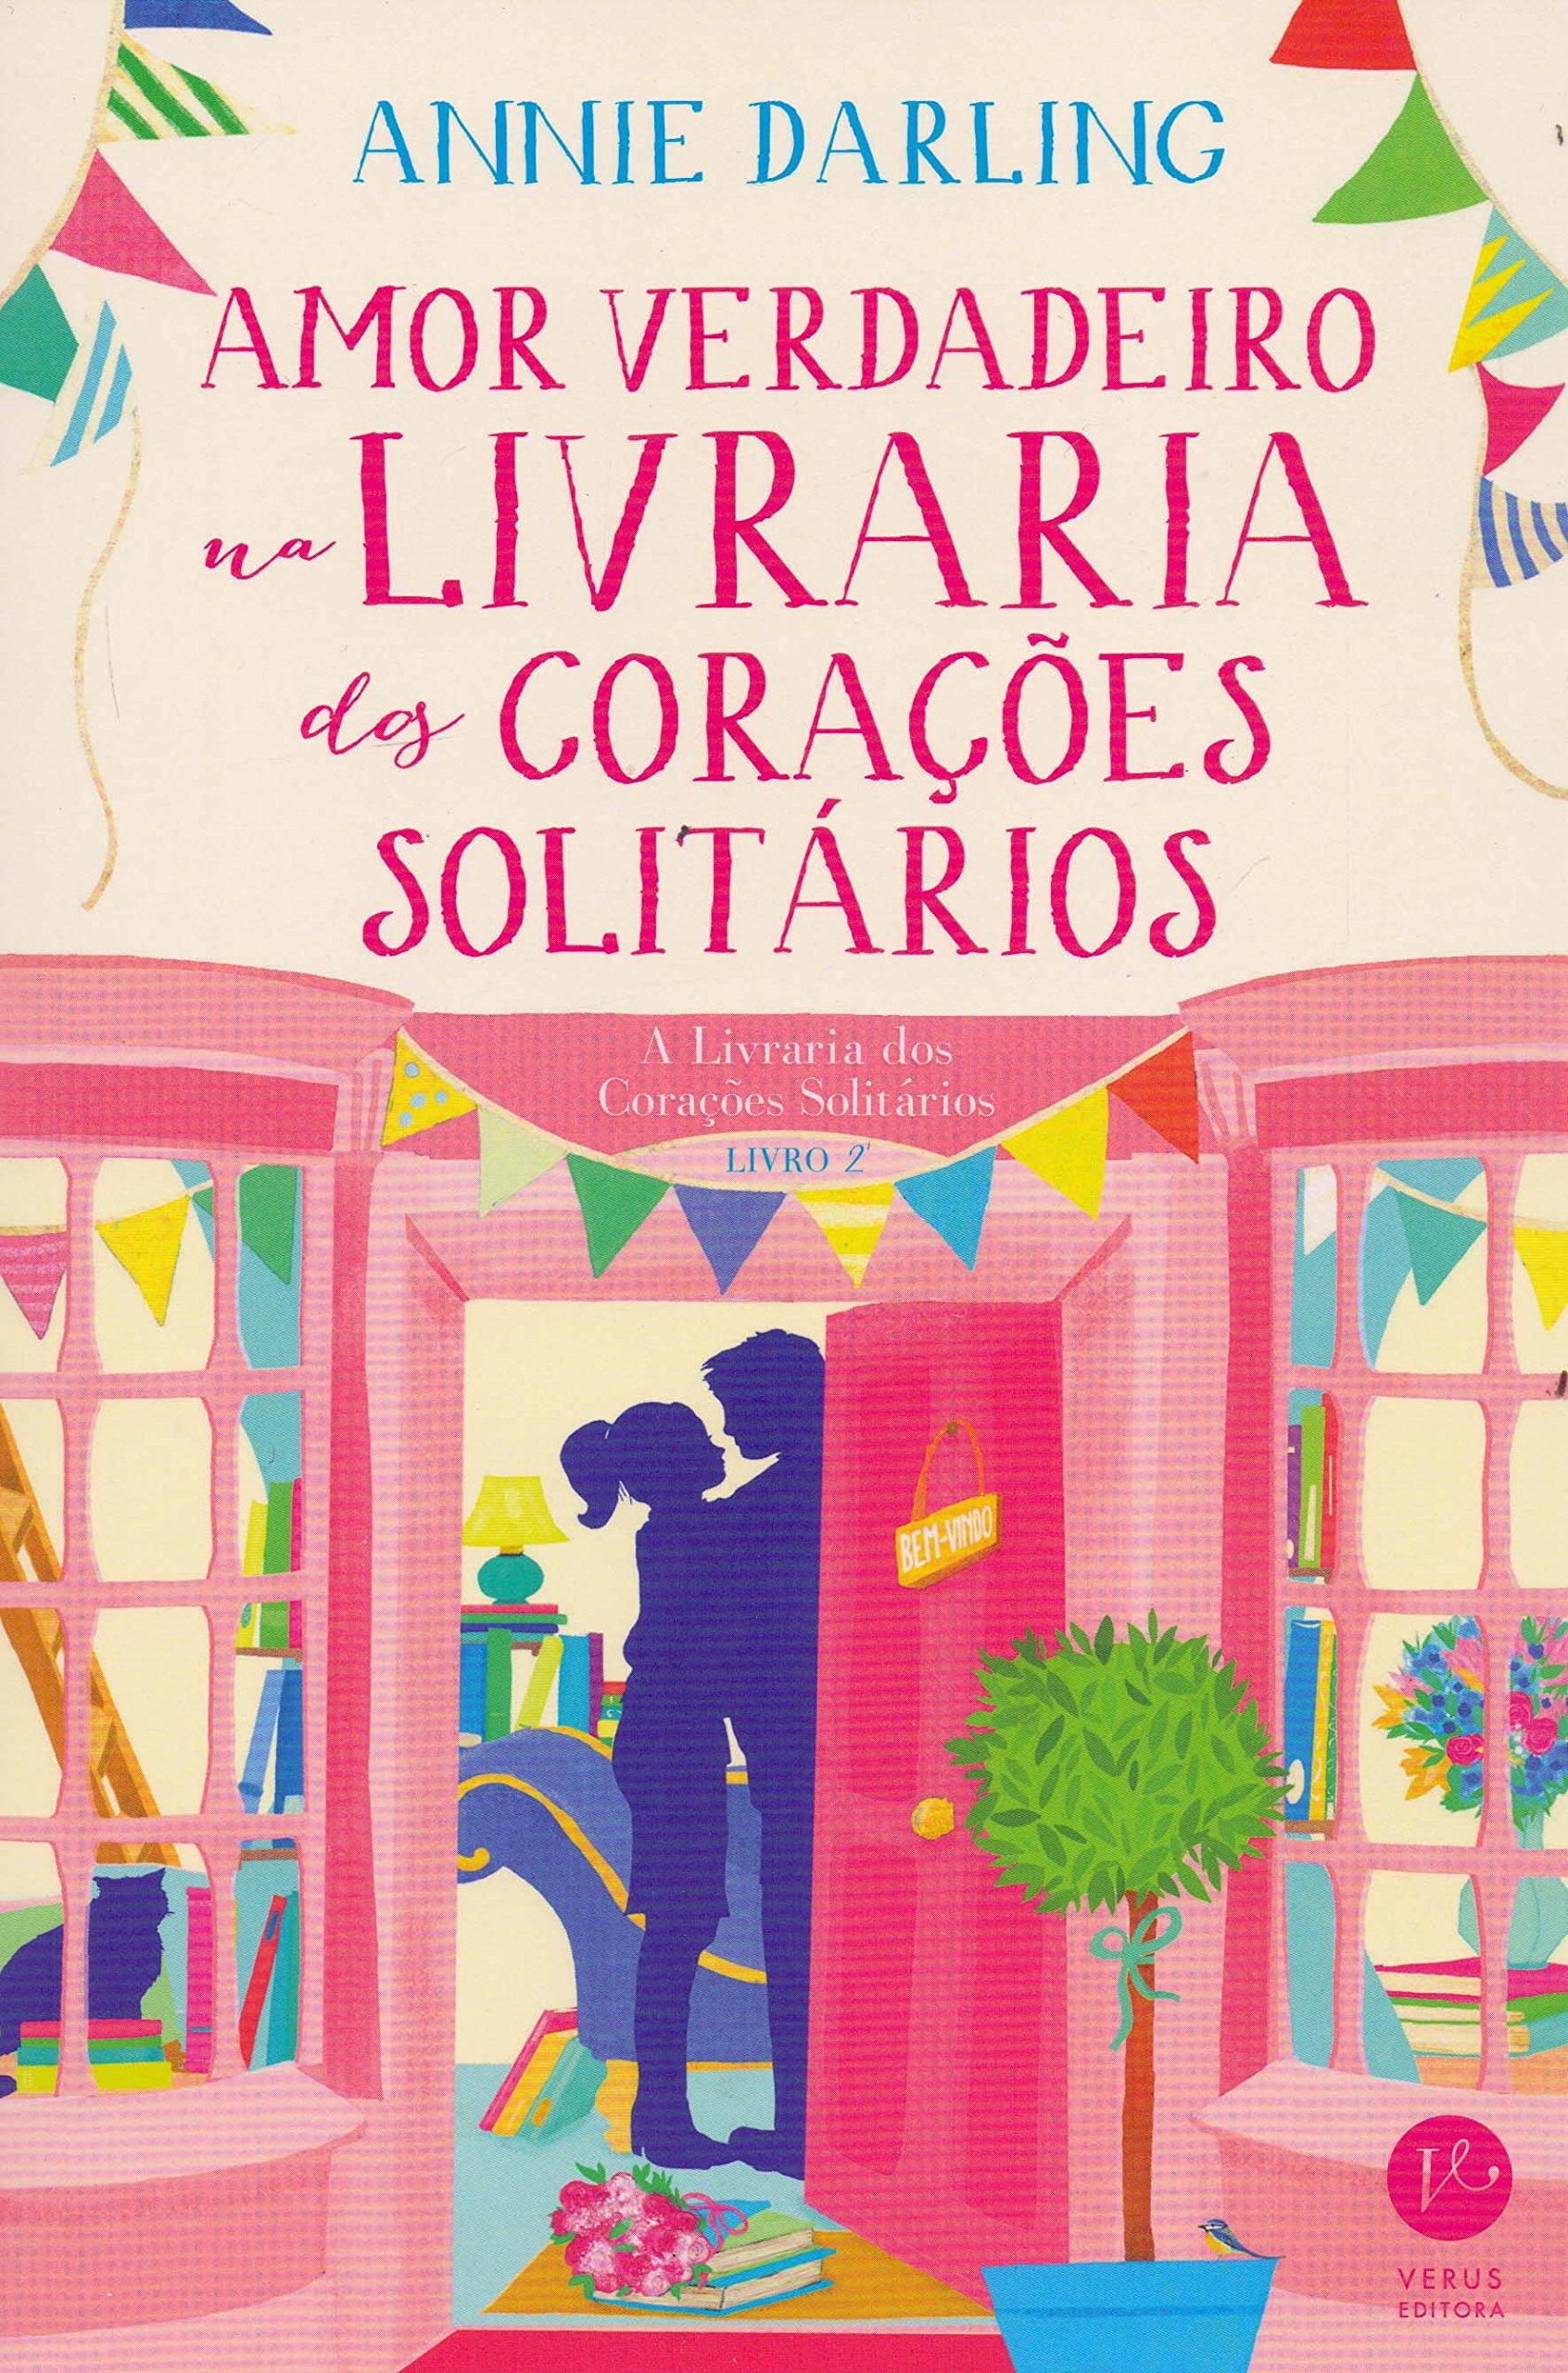 Resultado de imagem para amor verdadeiro a livraria dos corações solitários CAPA DO LIVRO